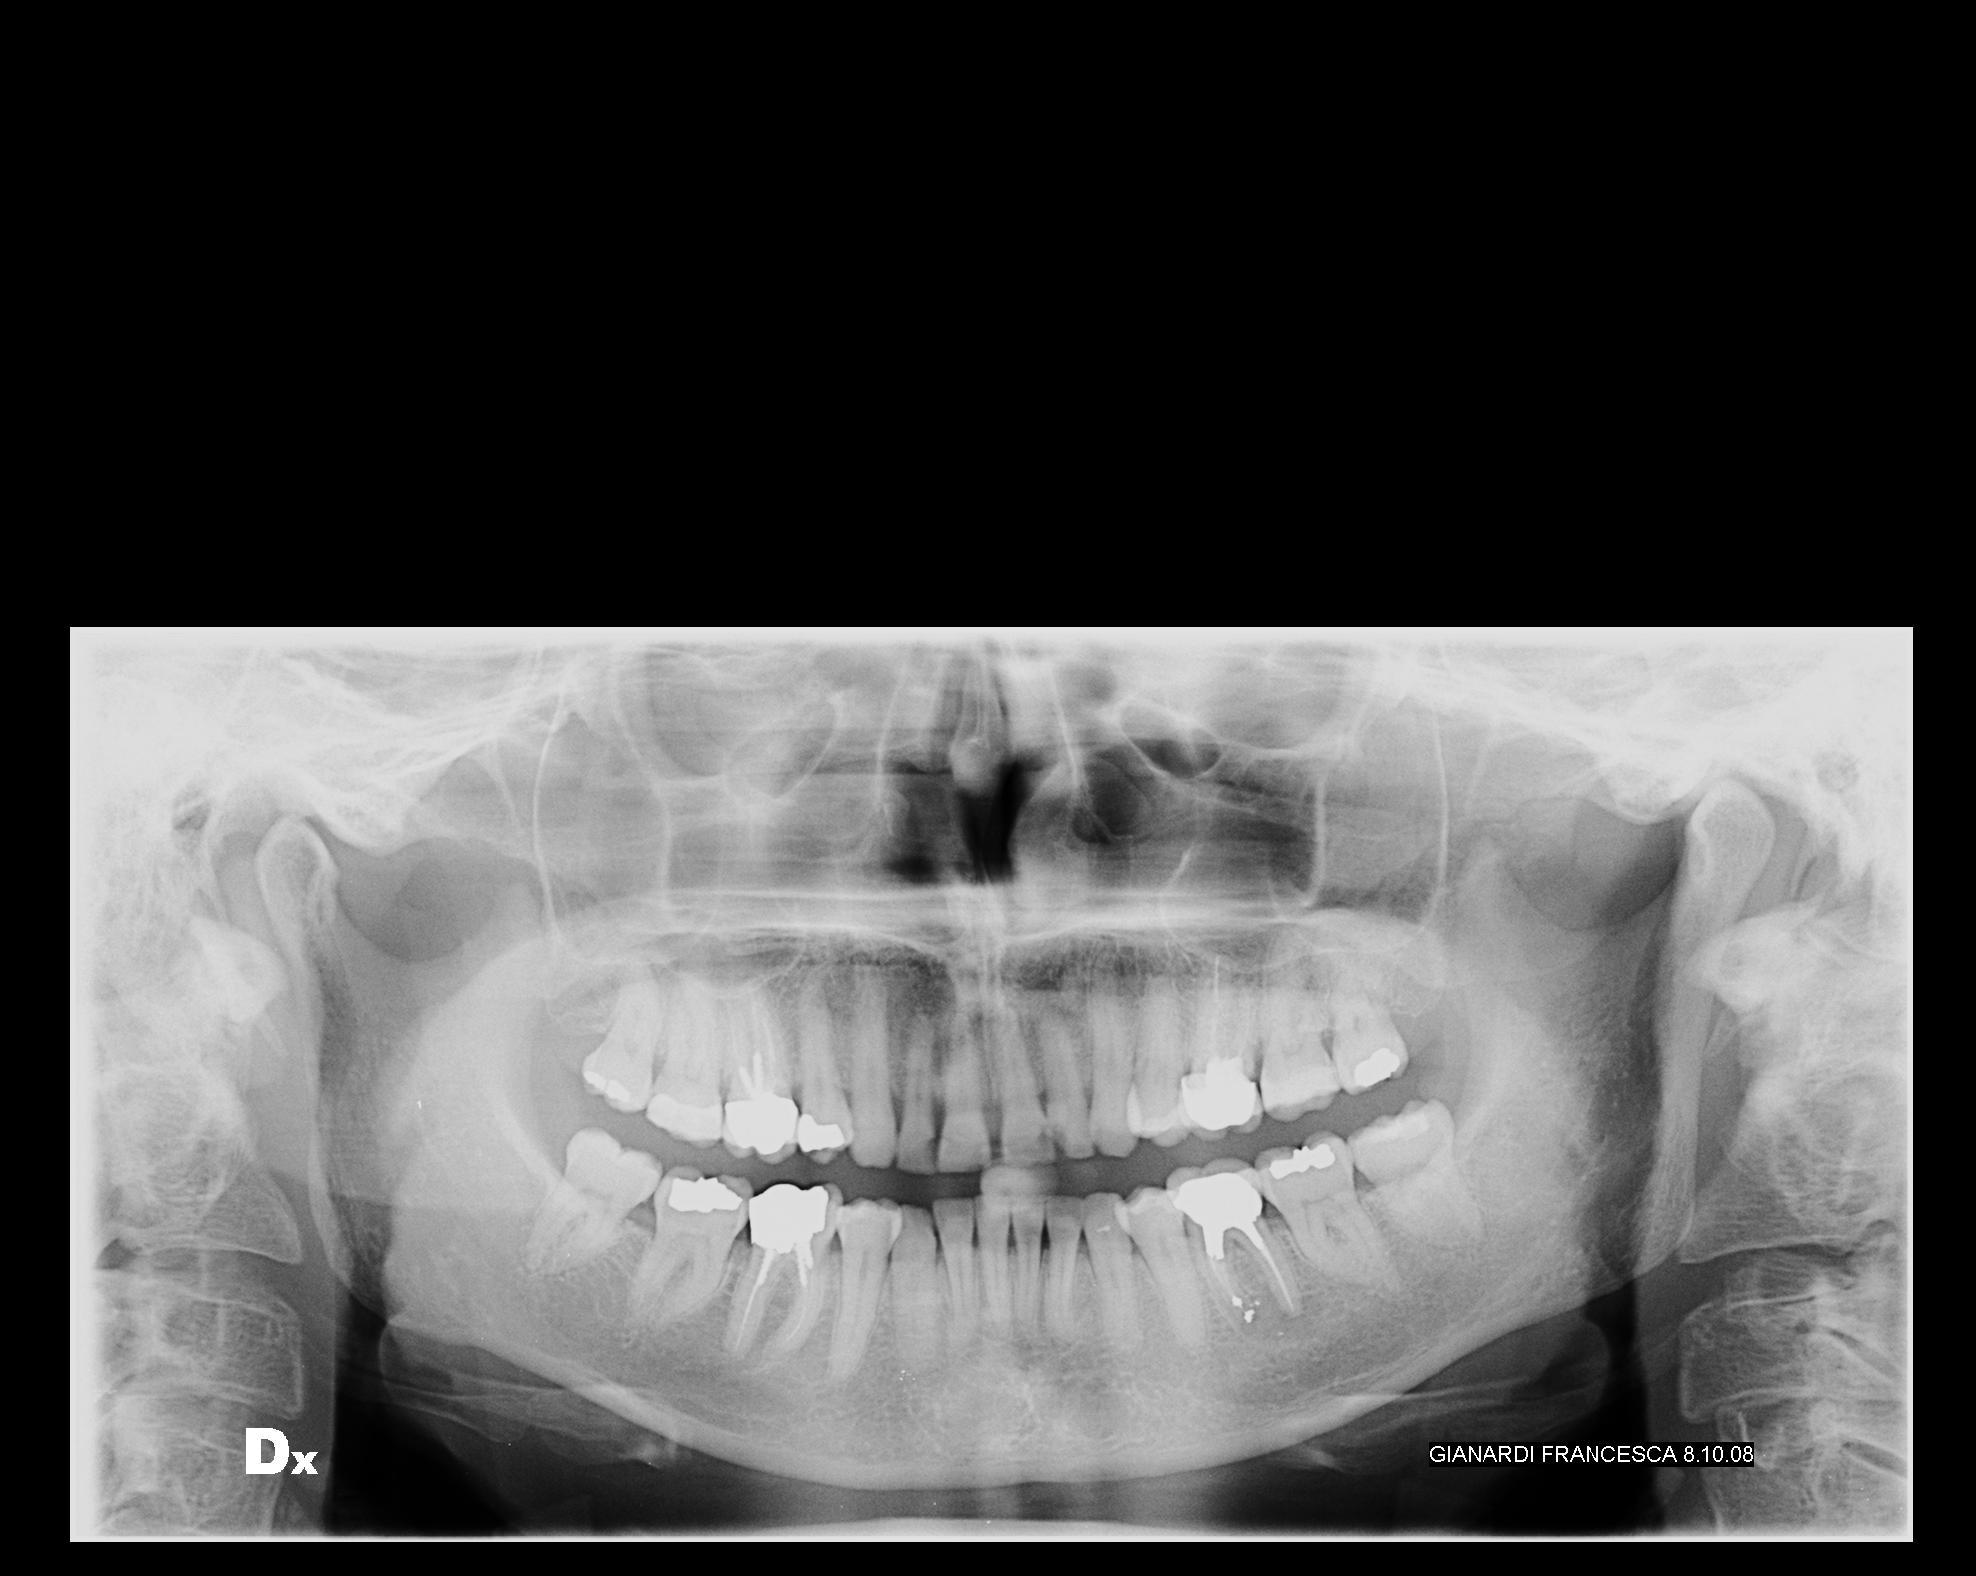 Seguito domanda del 3/10/2008: Problema ad un dente devitalizzato a cui è stata fatta un'apicectomia